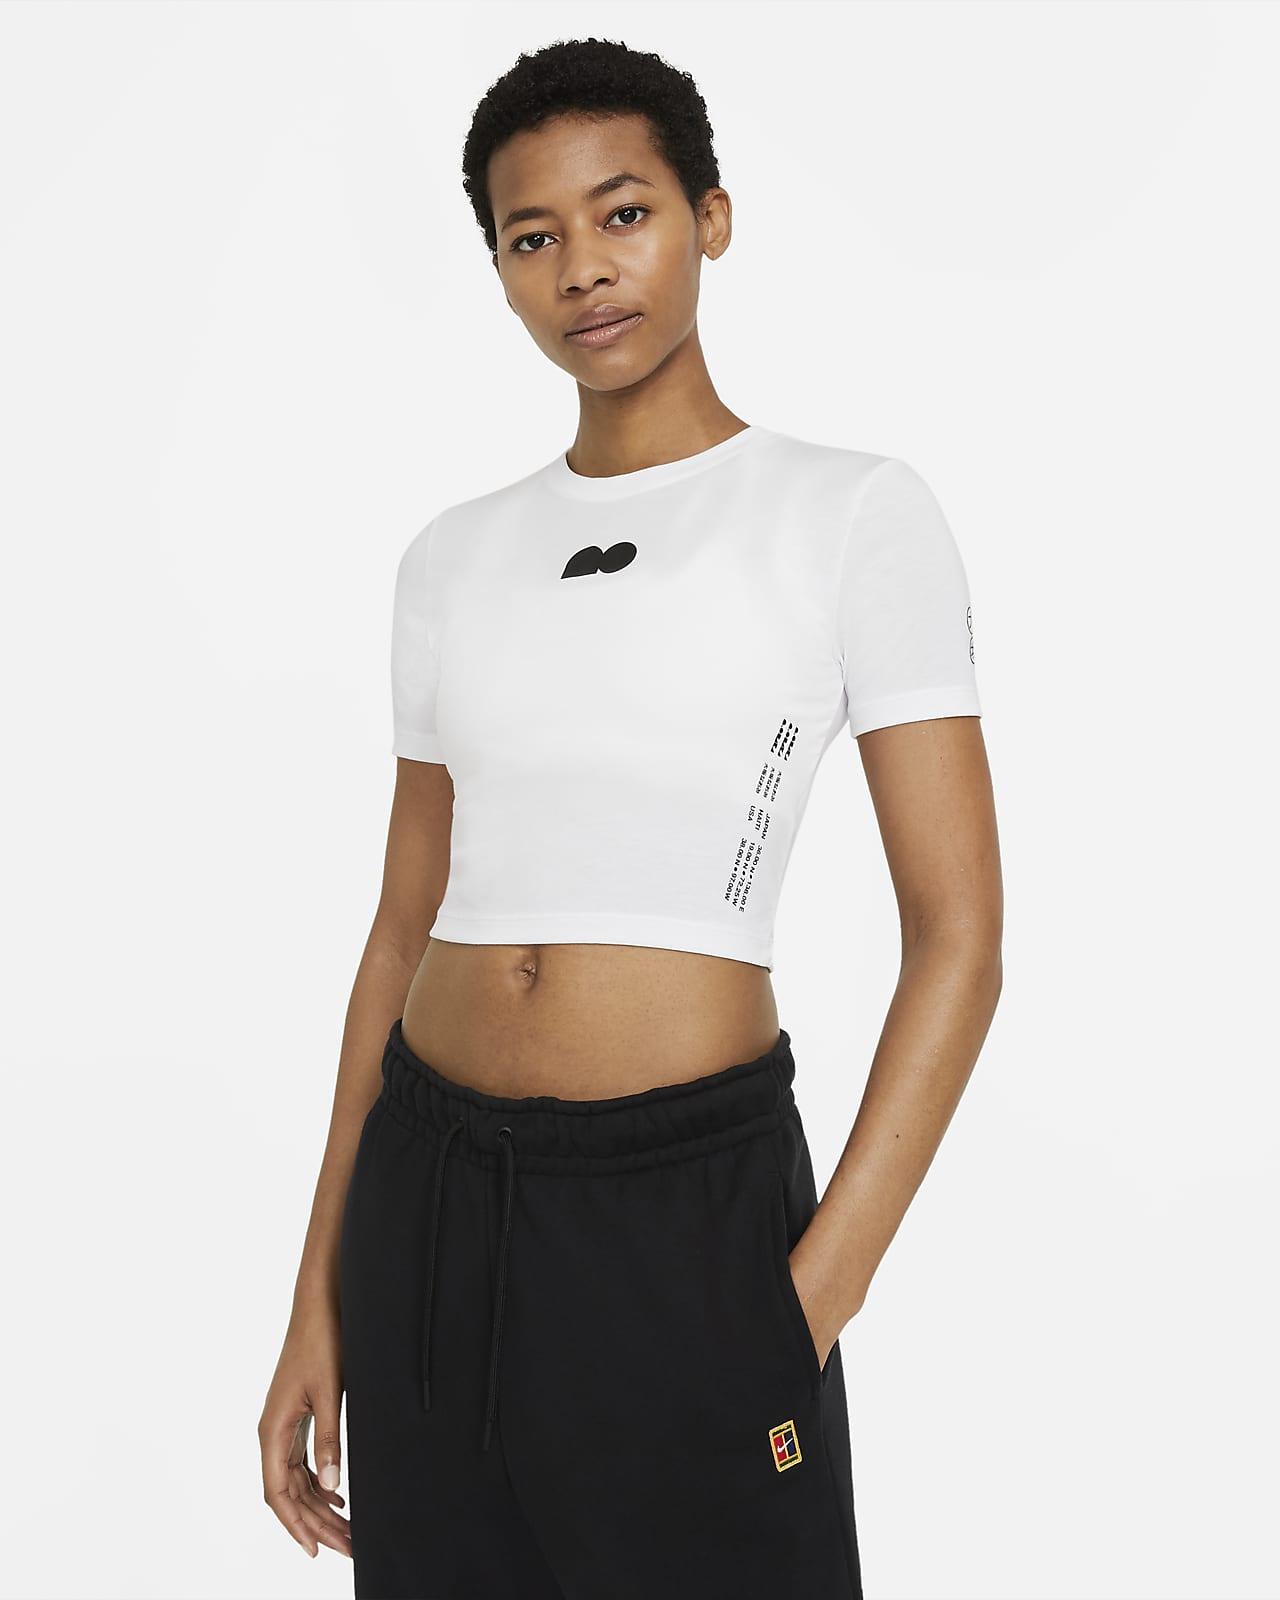 Naomi Osaka Kurz-Tennis-T-Shirt